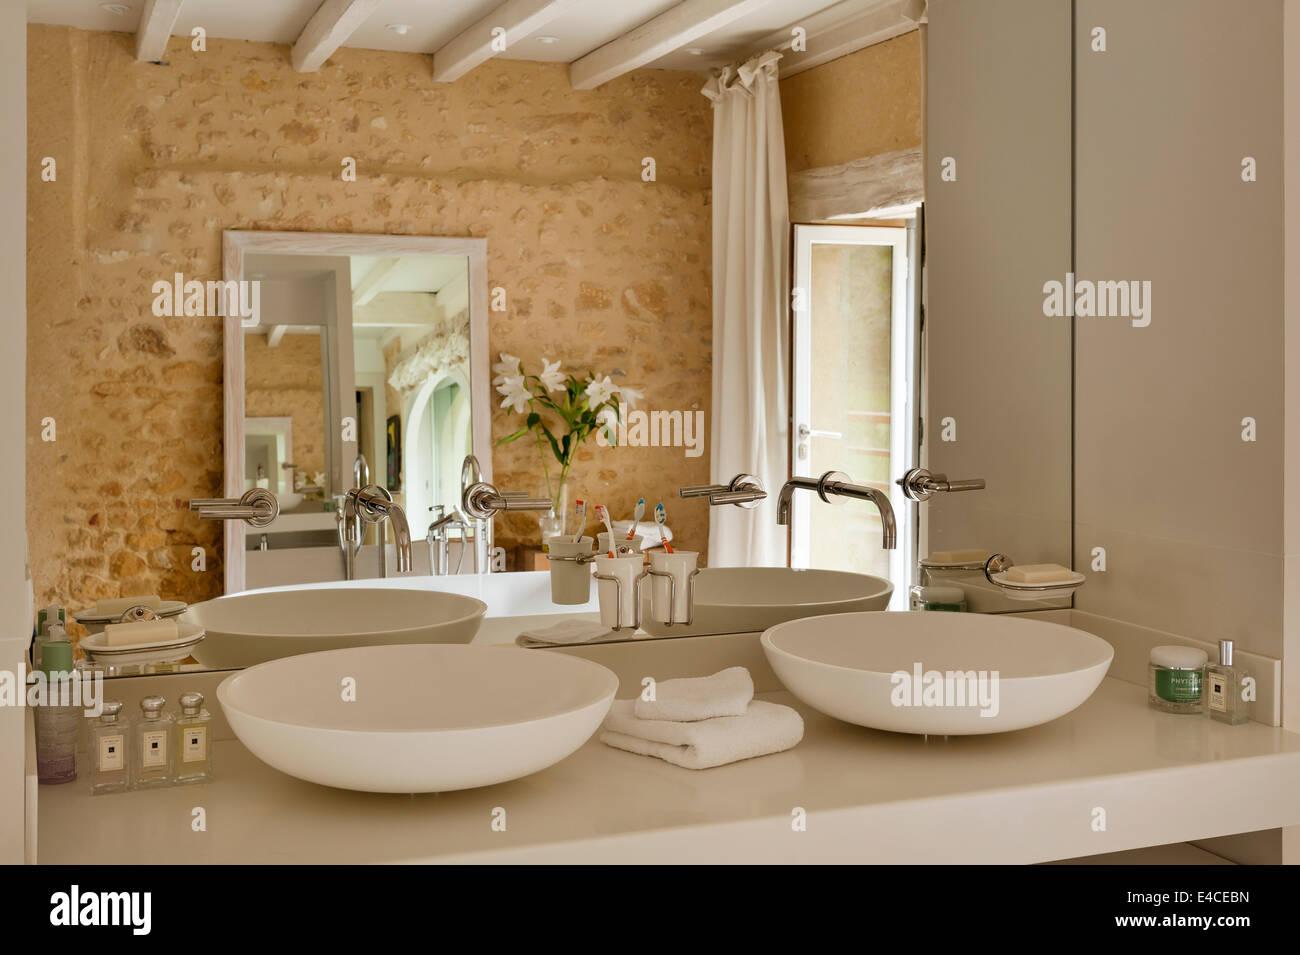 Cuillère 1 CER 700 bassins par l\'agapè dans la salle de bains avec ...